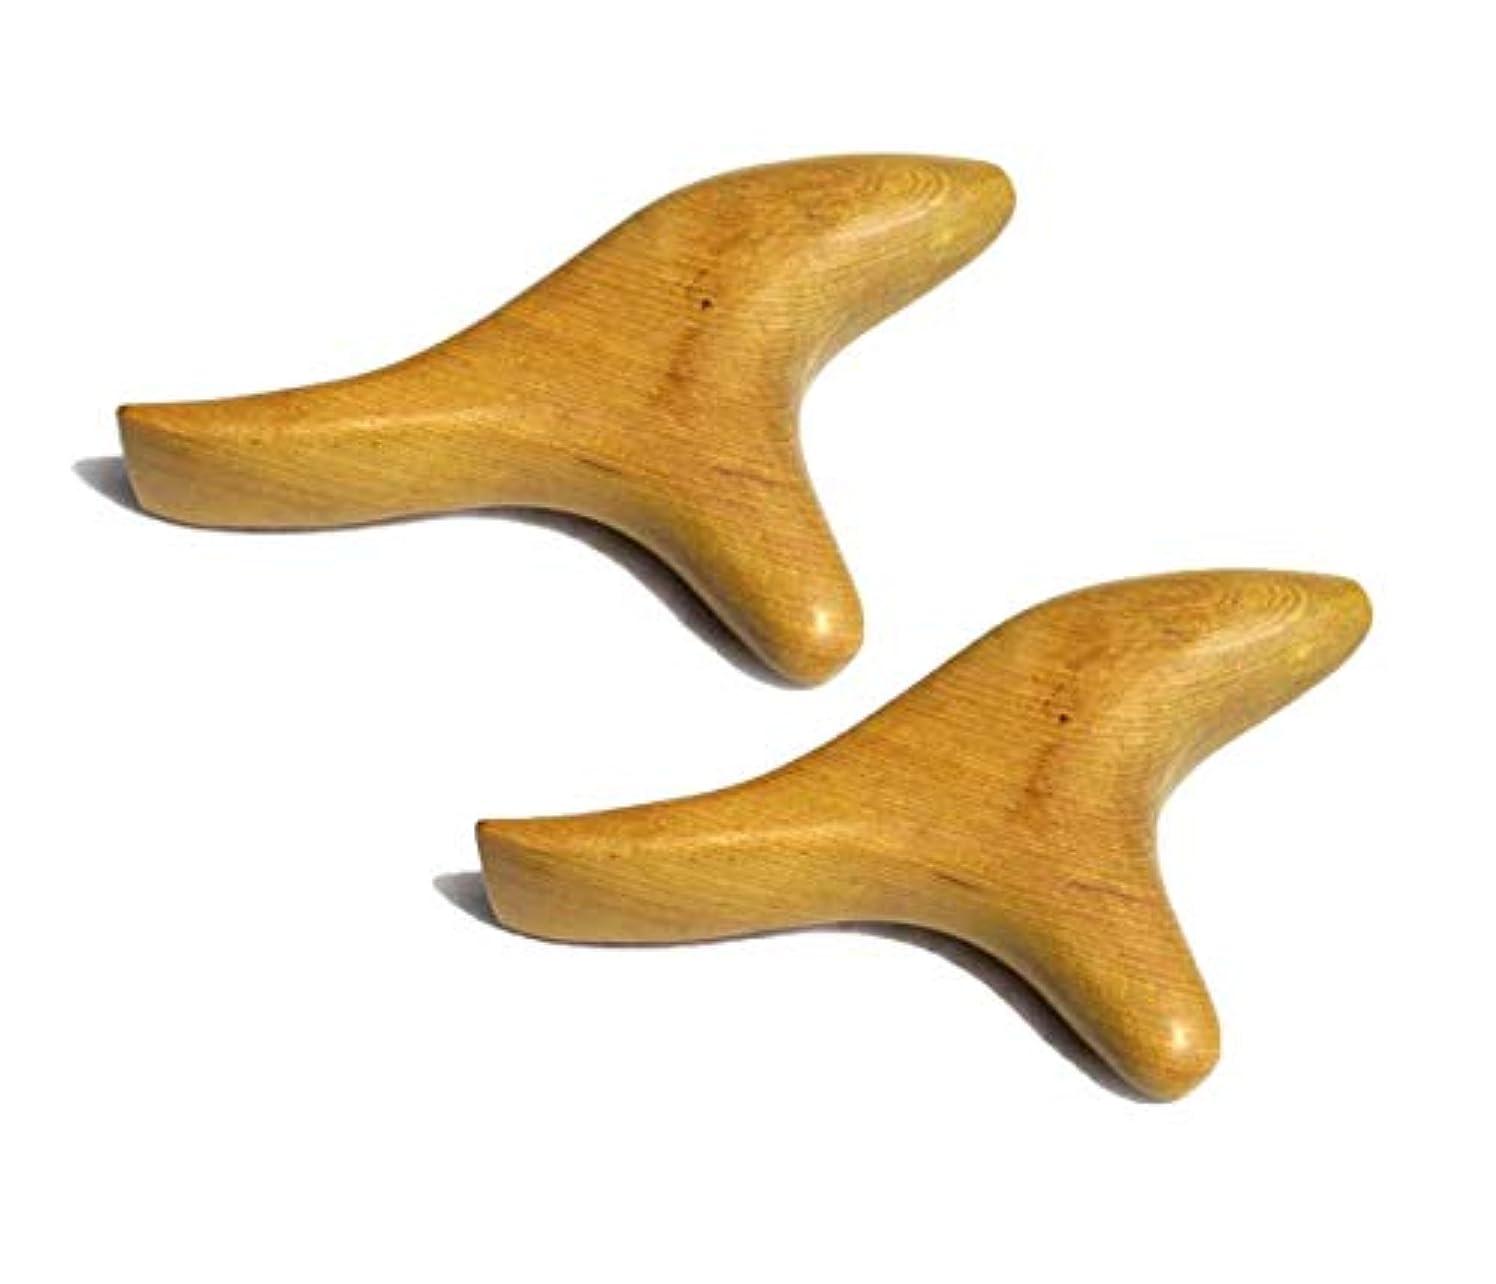 ファシズム力学服を着るViffly ウッドマッサージ棒 握りタイプ 天然木 オカリナ型(ウッドマッサージ棒2個)